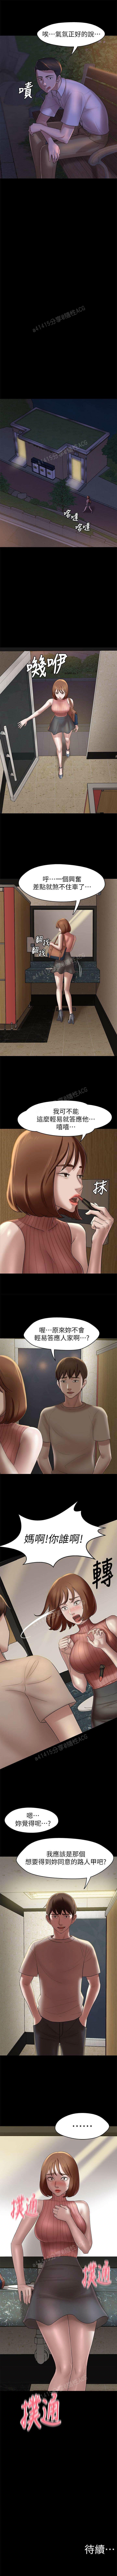 panty note 小褲褲筆記 小裤裤笔记 01-35 连载中 中文 重新排序 Reorder 99